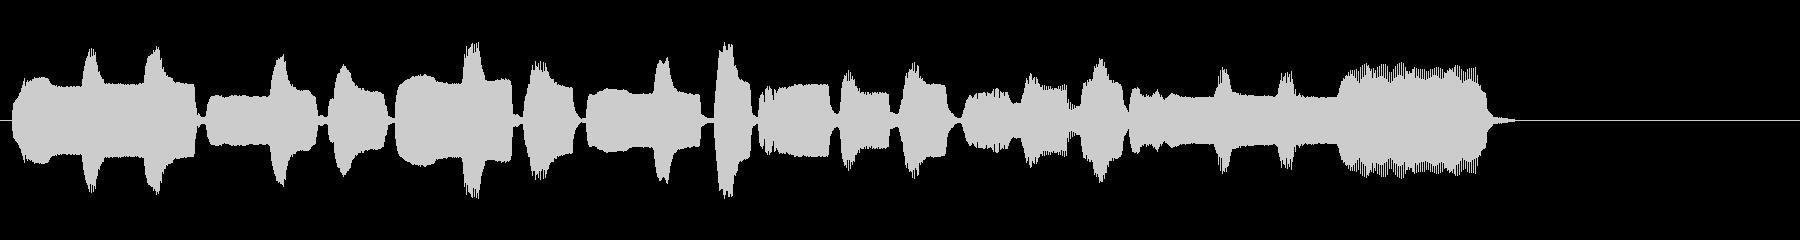 生演奏リコーダーを使ったジングルの未再生の波形